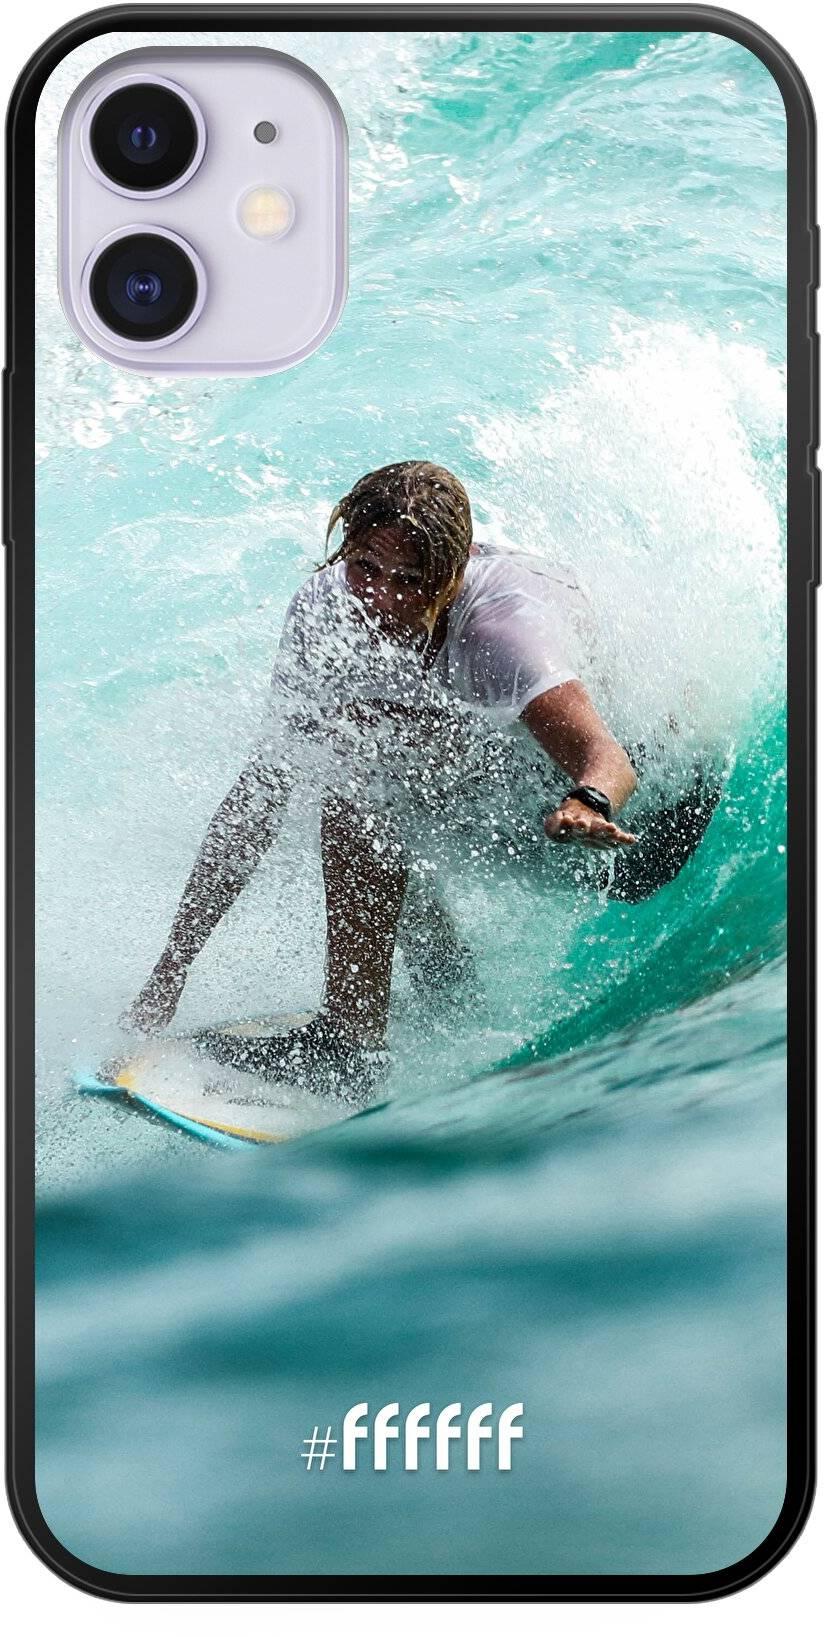 Boy Surfing iPhone 11